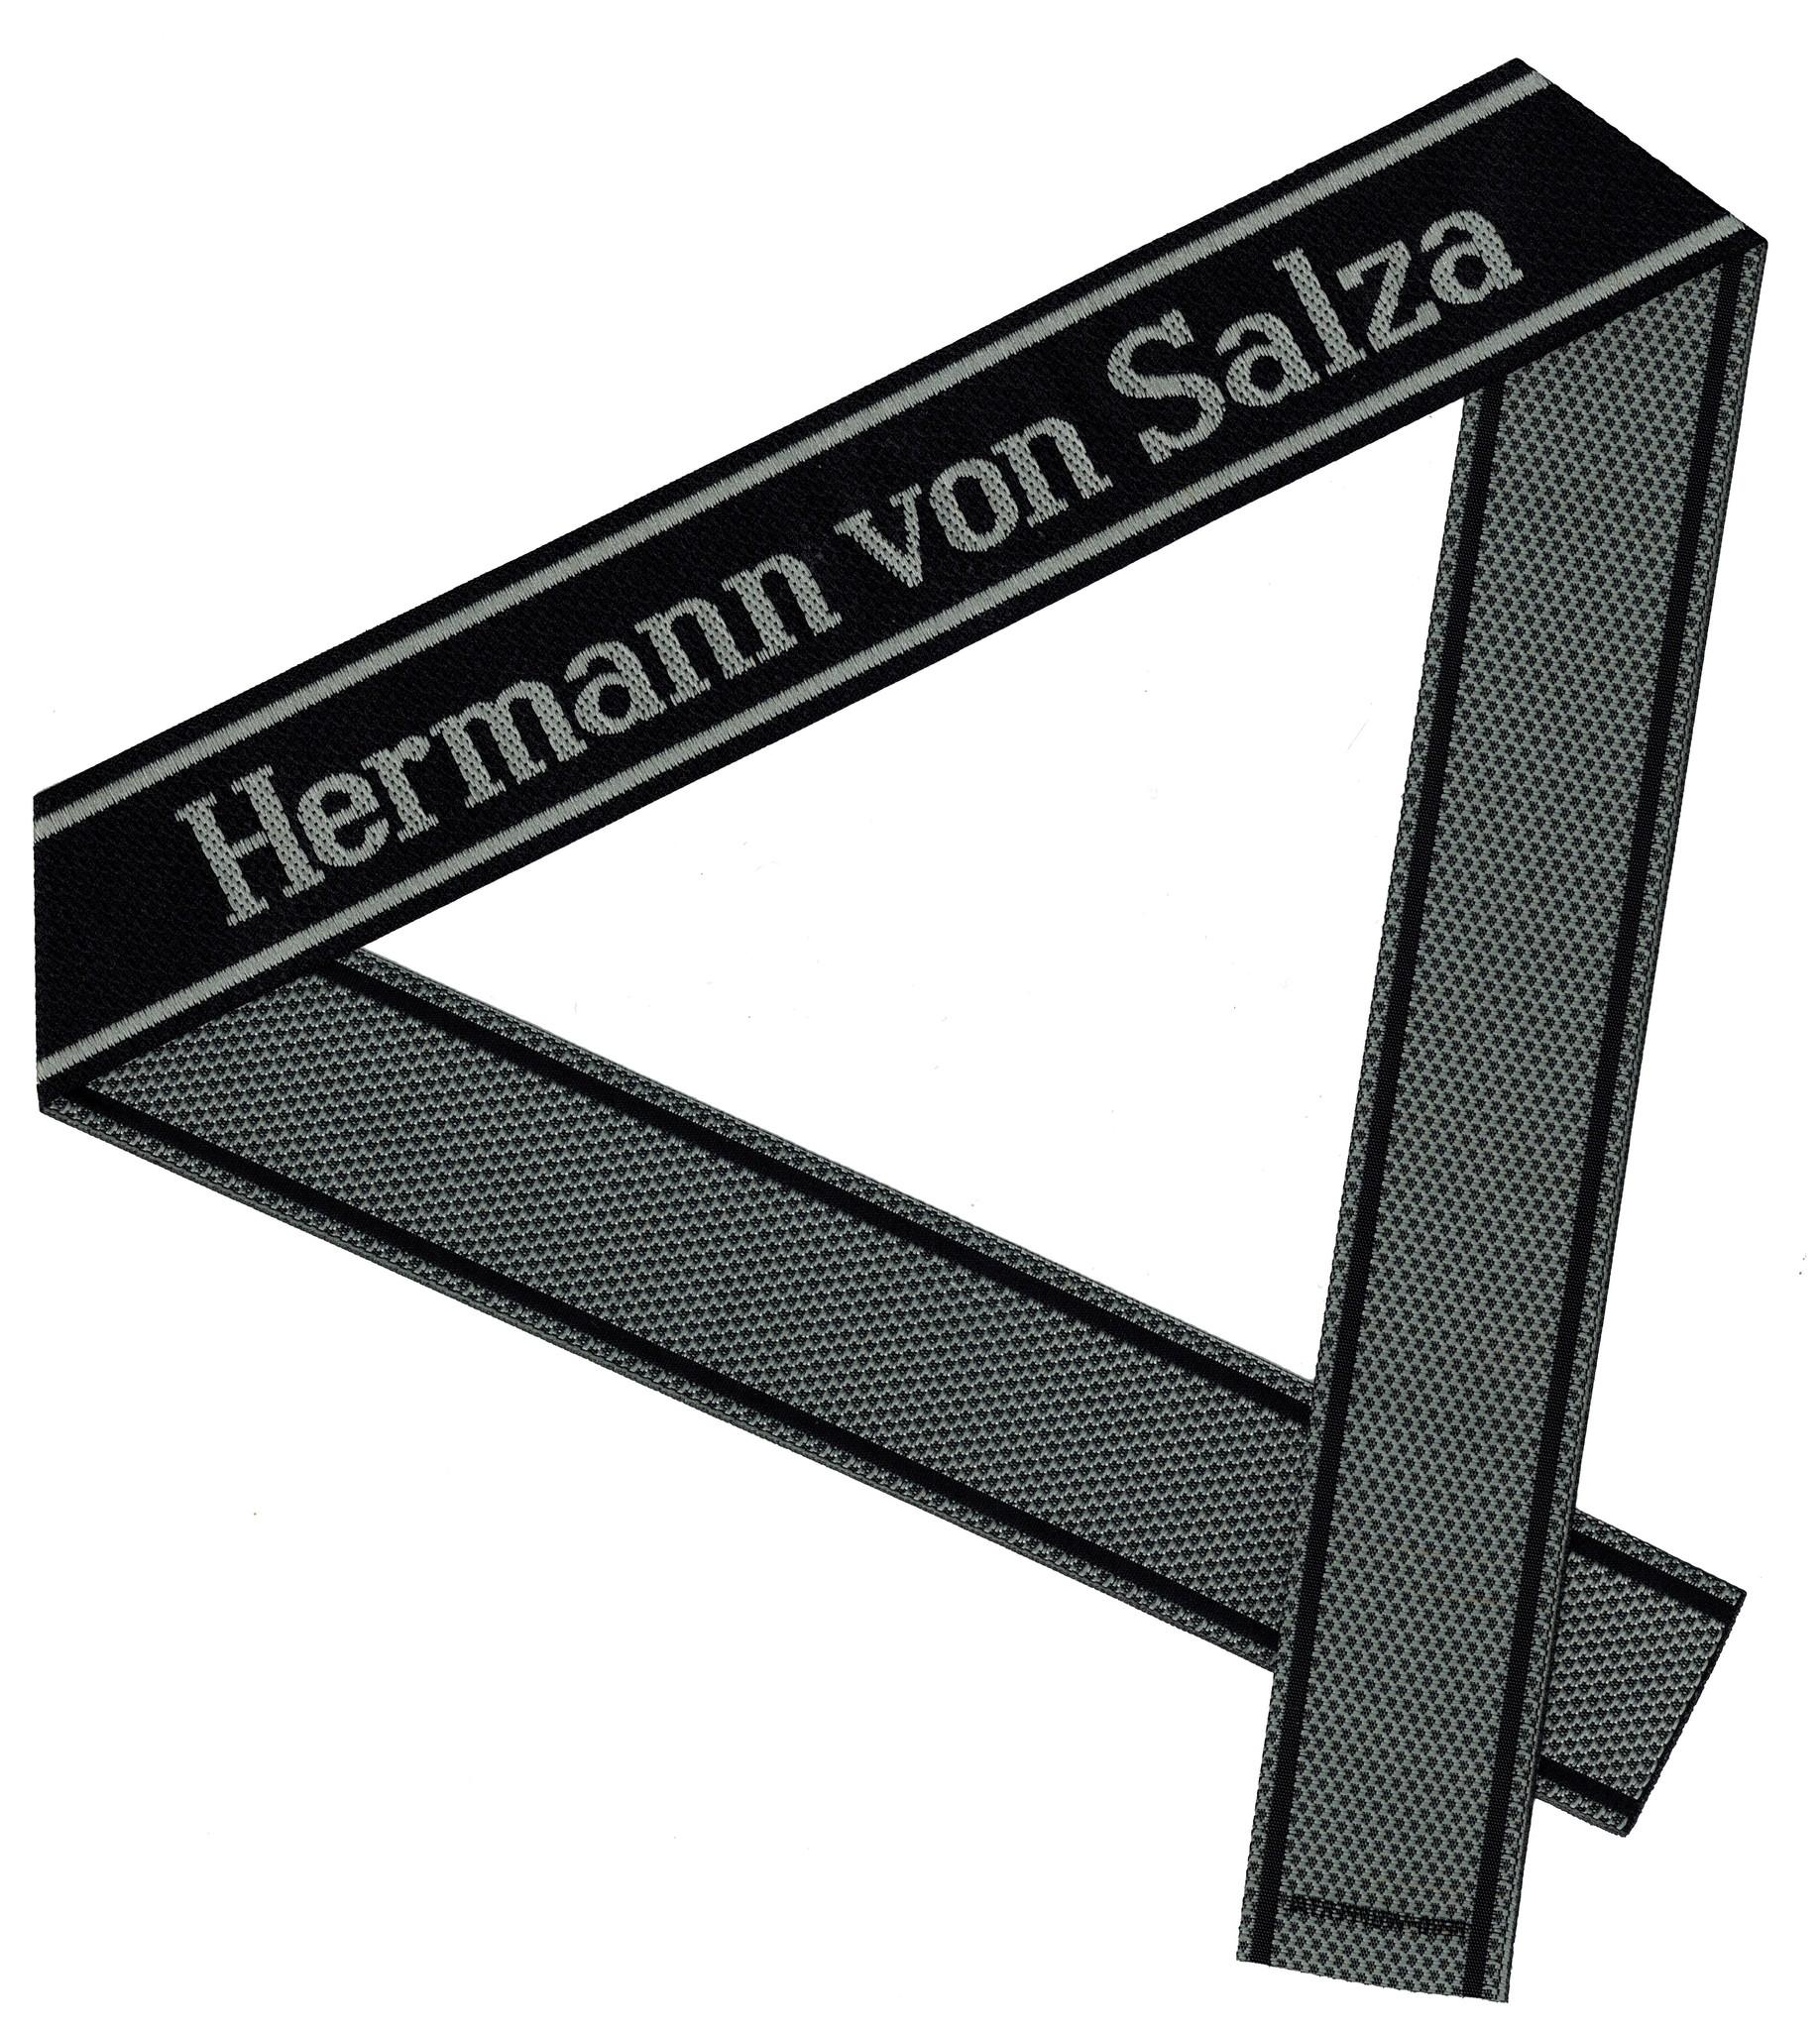 WWII Elite Ärmelband ''Hermann von Salza'' gewebt WH Cuff title